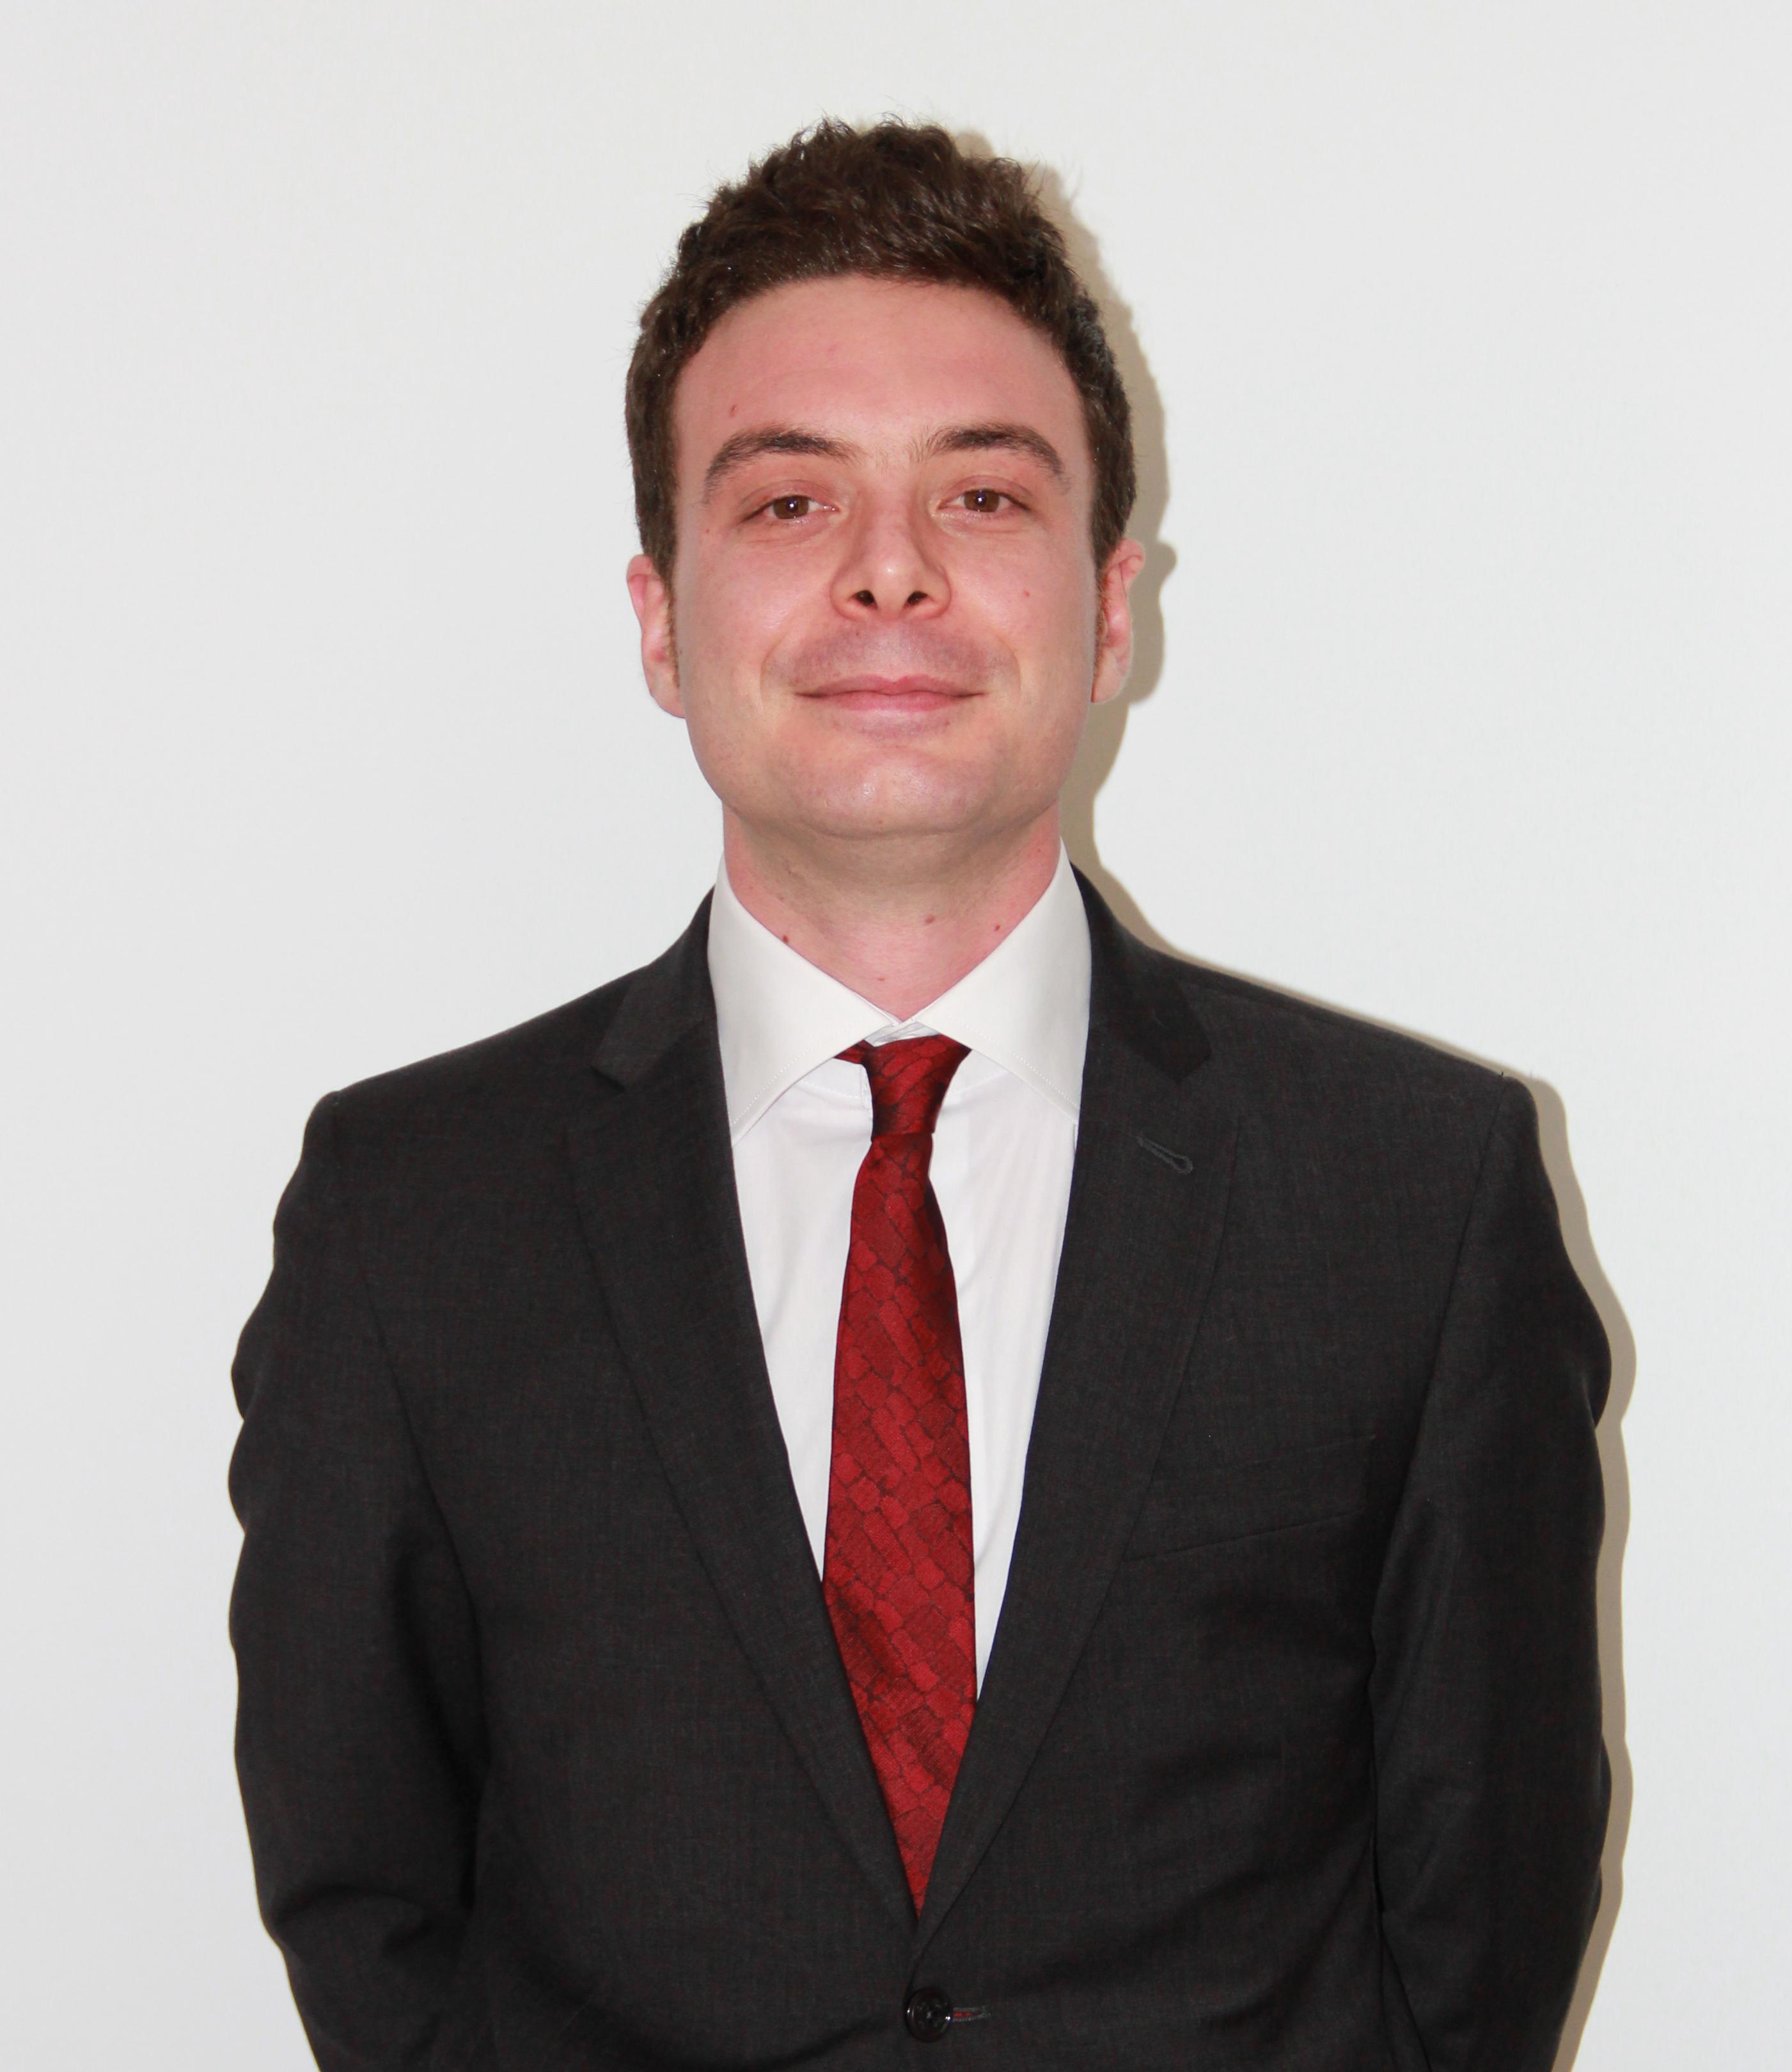 Matteo Silvestri